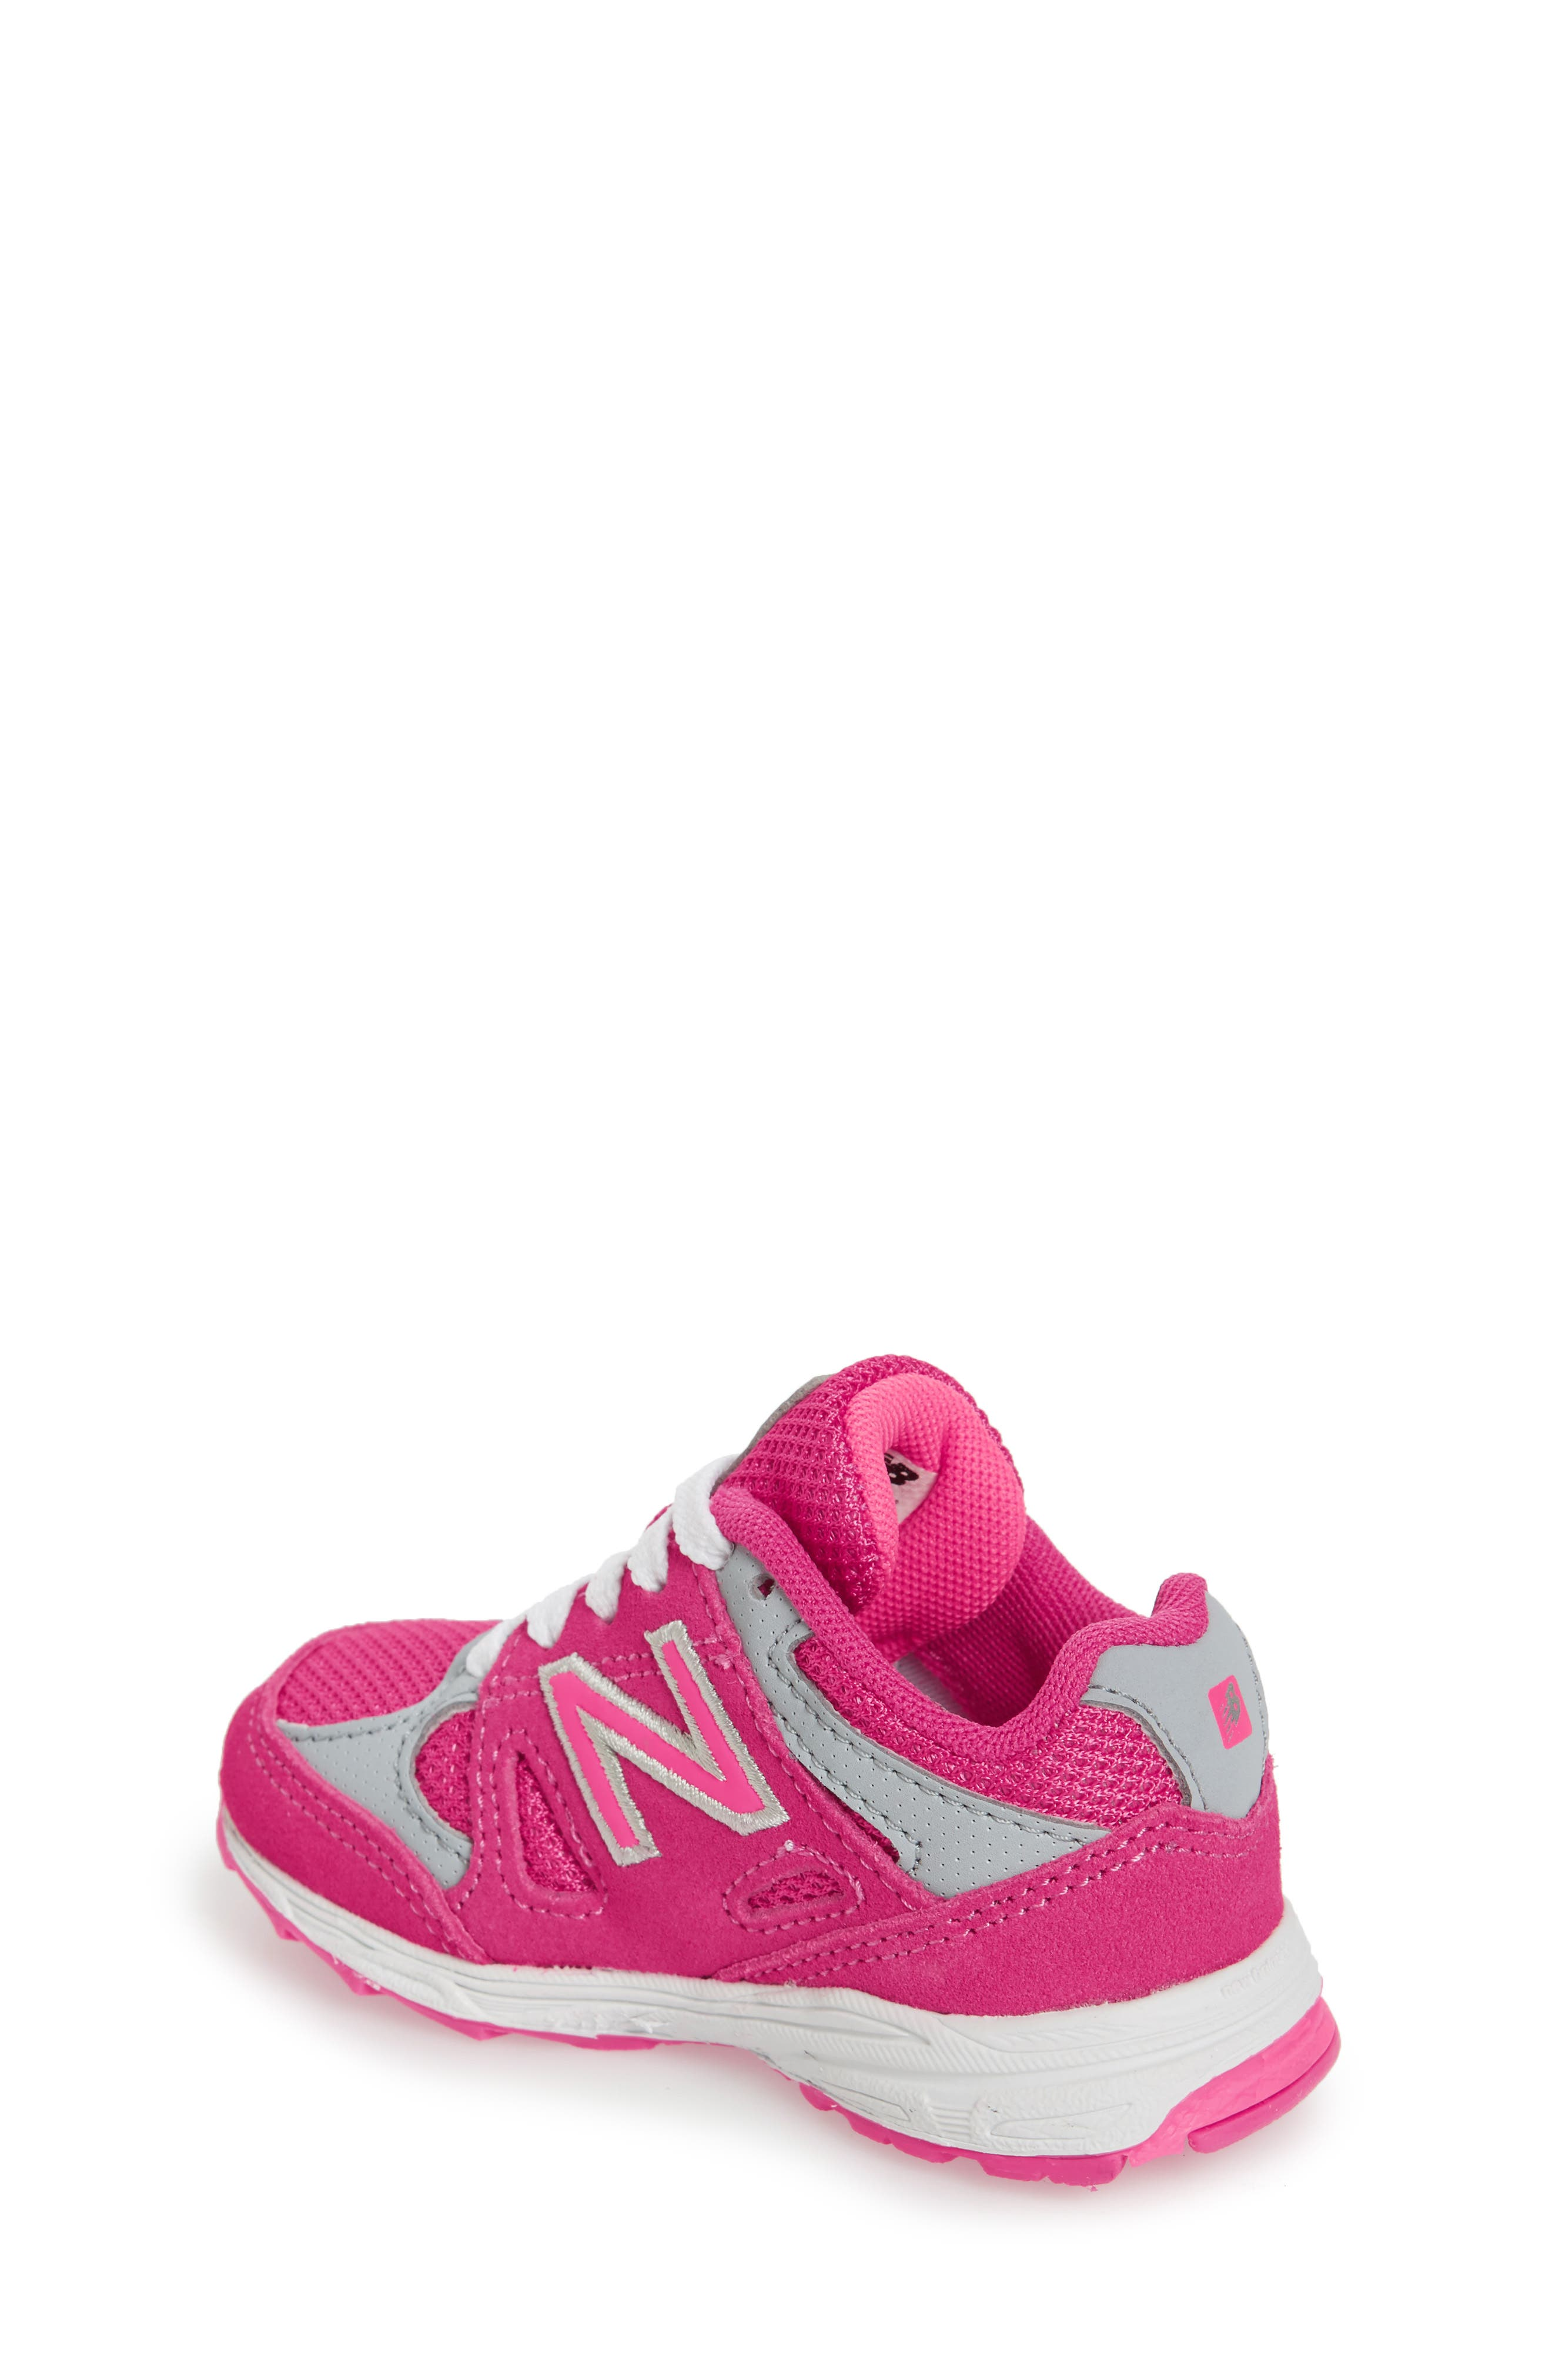 888 Sneaker,                             Alternate thumbnail 2, color,                             664